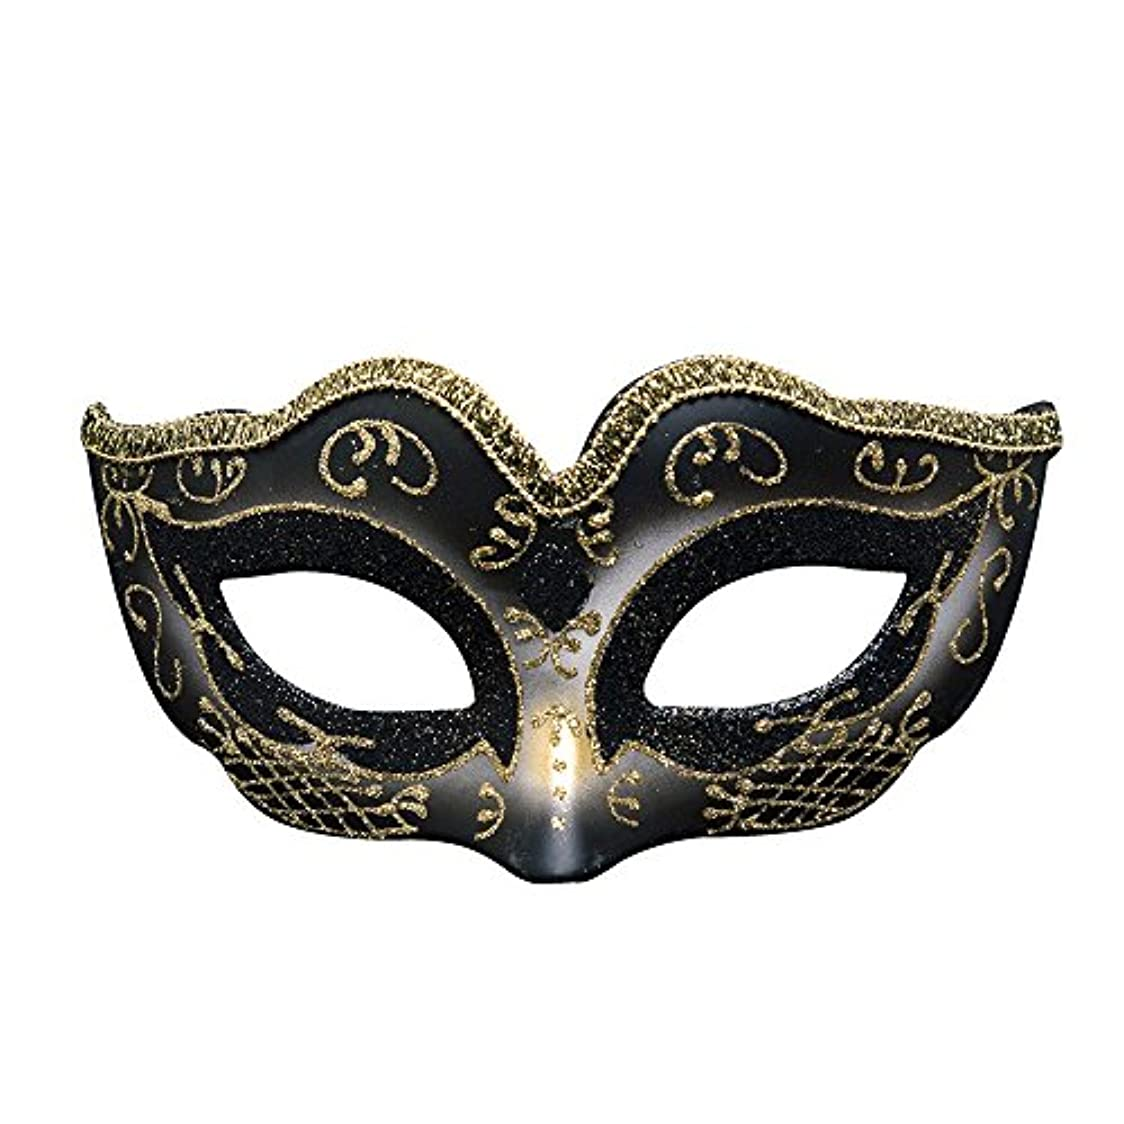 についてソーセージステープルクリエイティブキッズマスカレードパーティーハロウィンマスククリスマス雰囲気マスク (Color : #5)